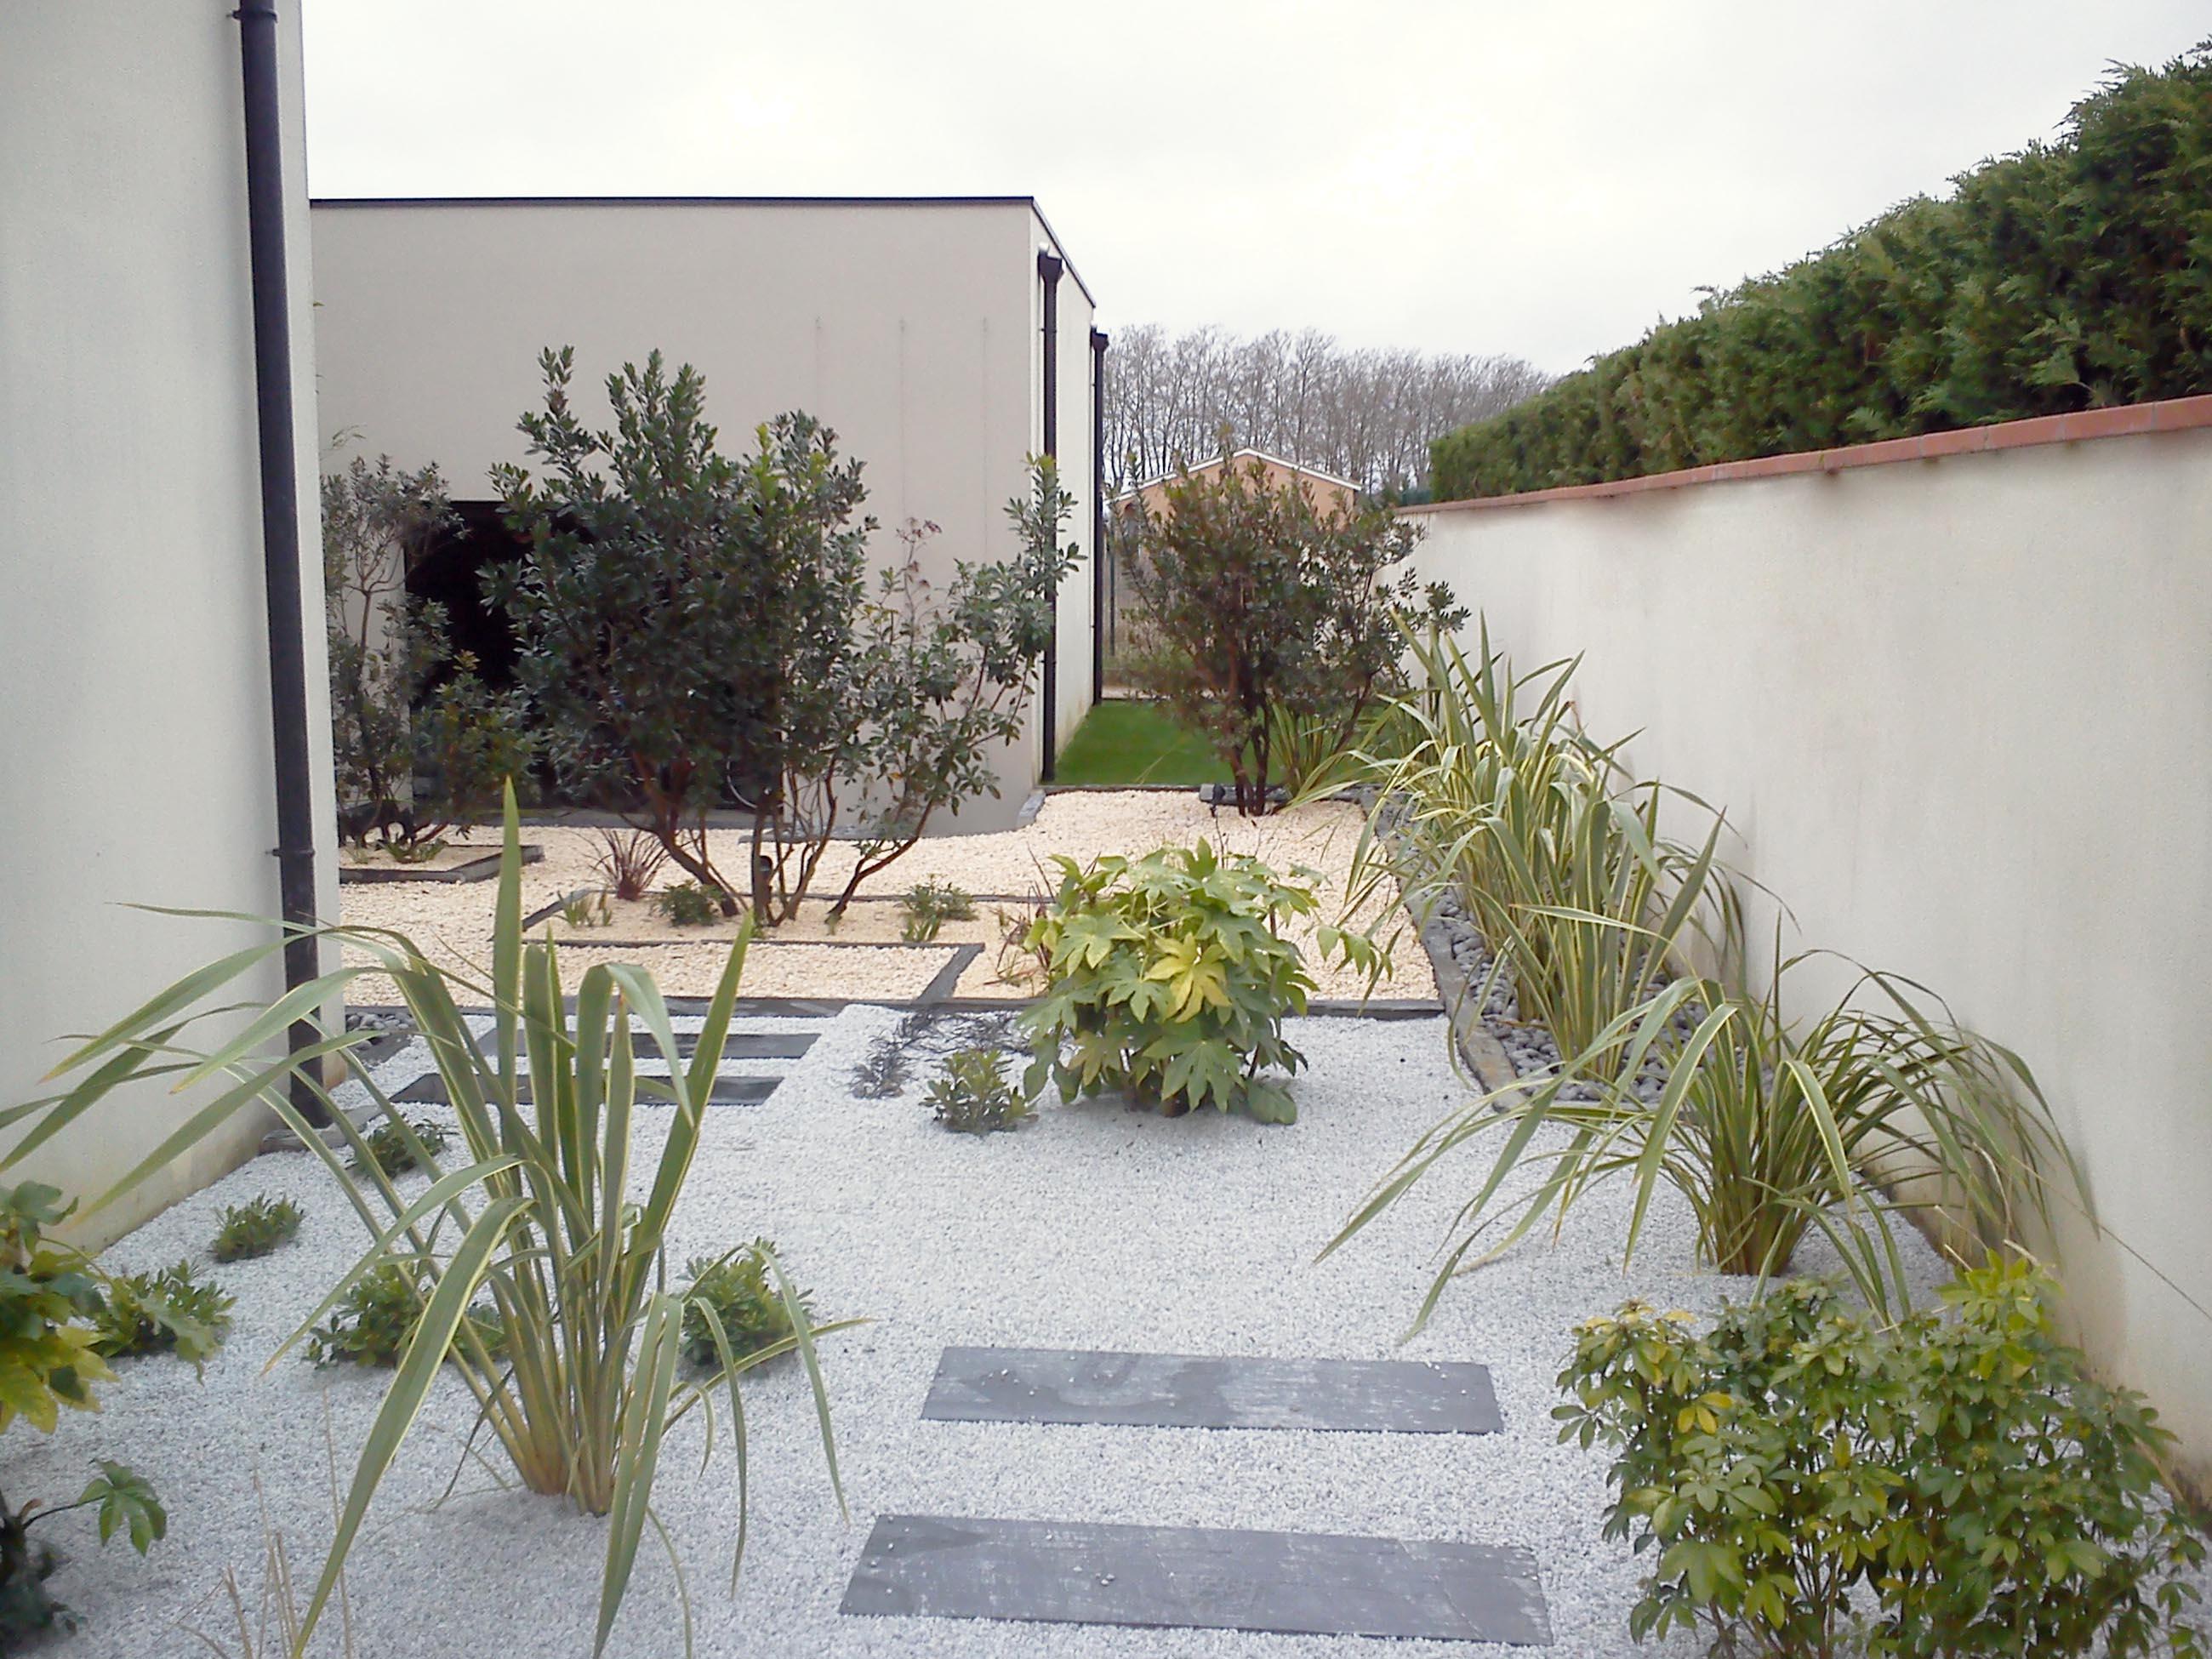 amenagement-exterieur-natureo-paysagiste-eaunes